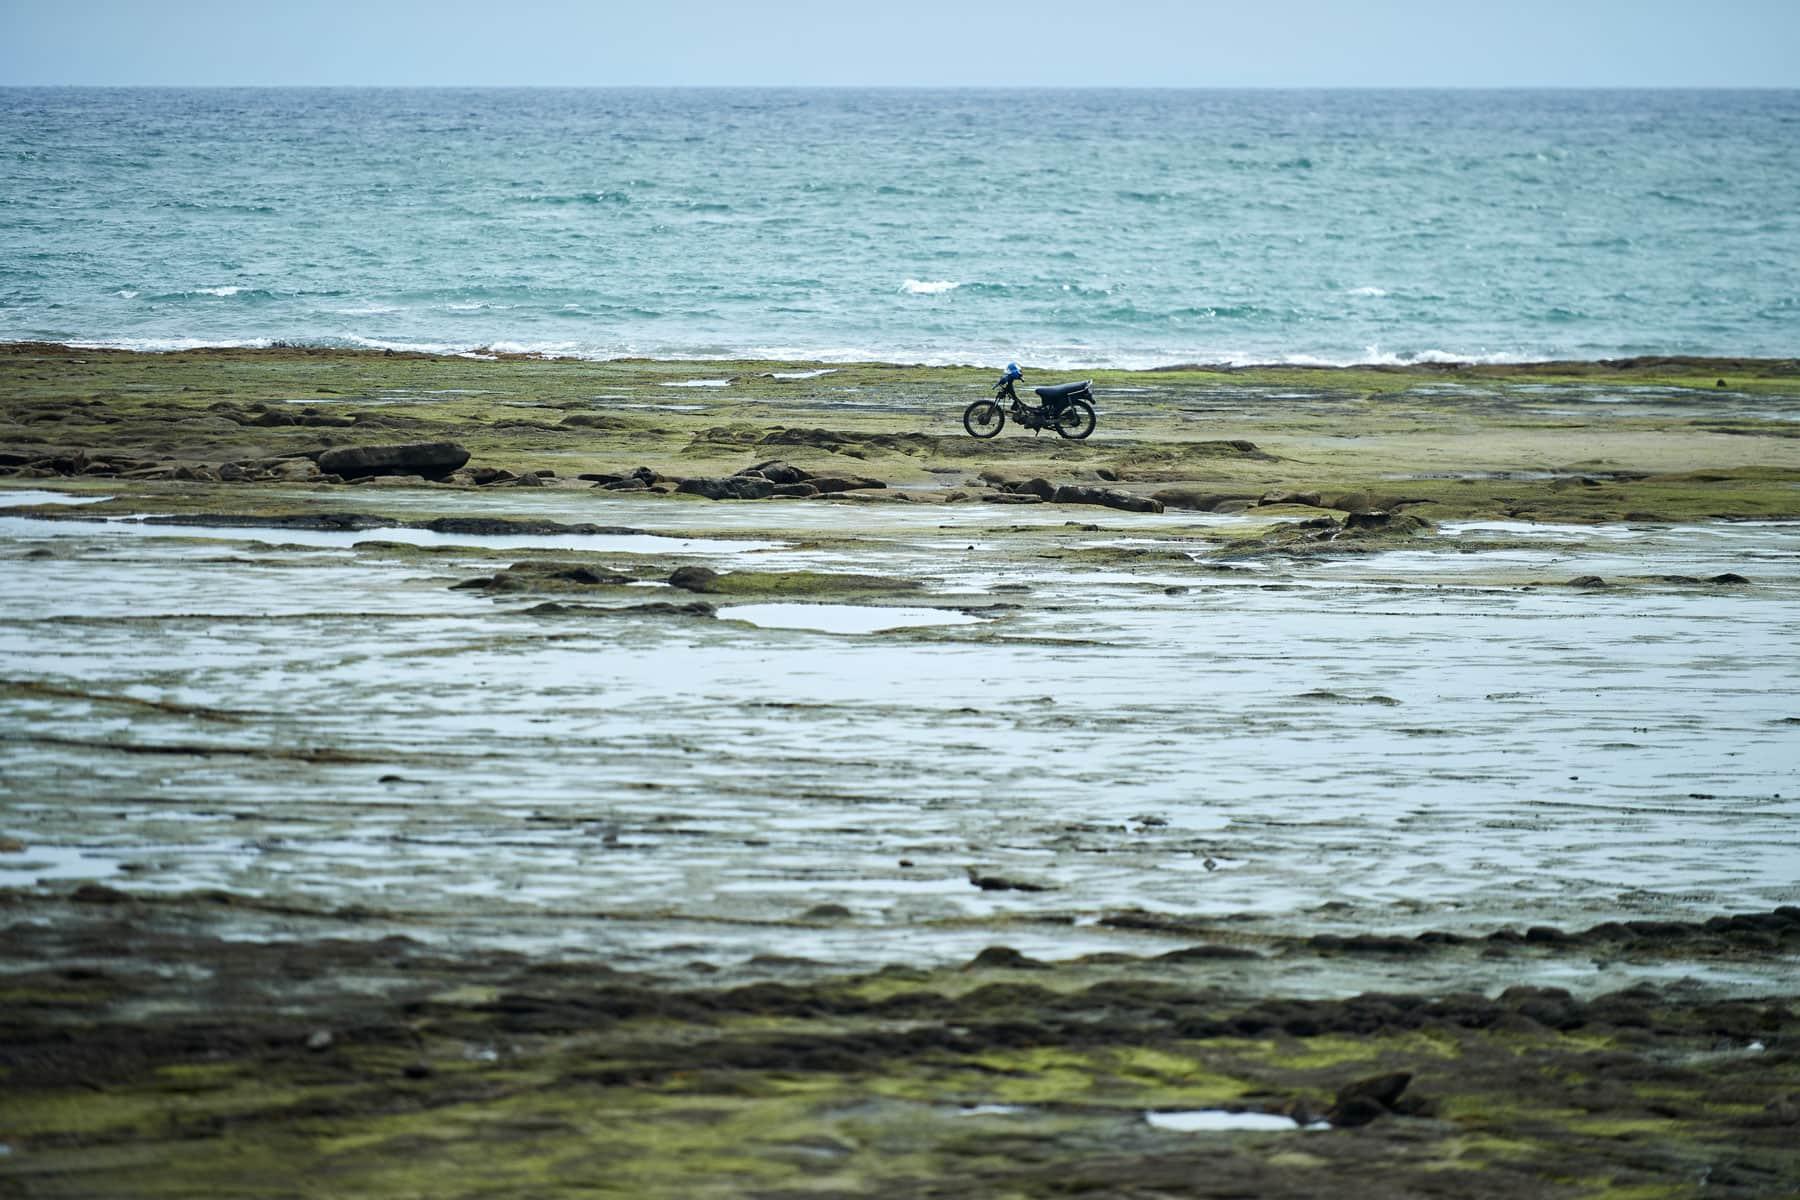 Bild einen einsam am Meer stehenden Mopeds